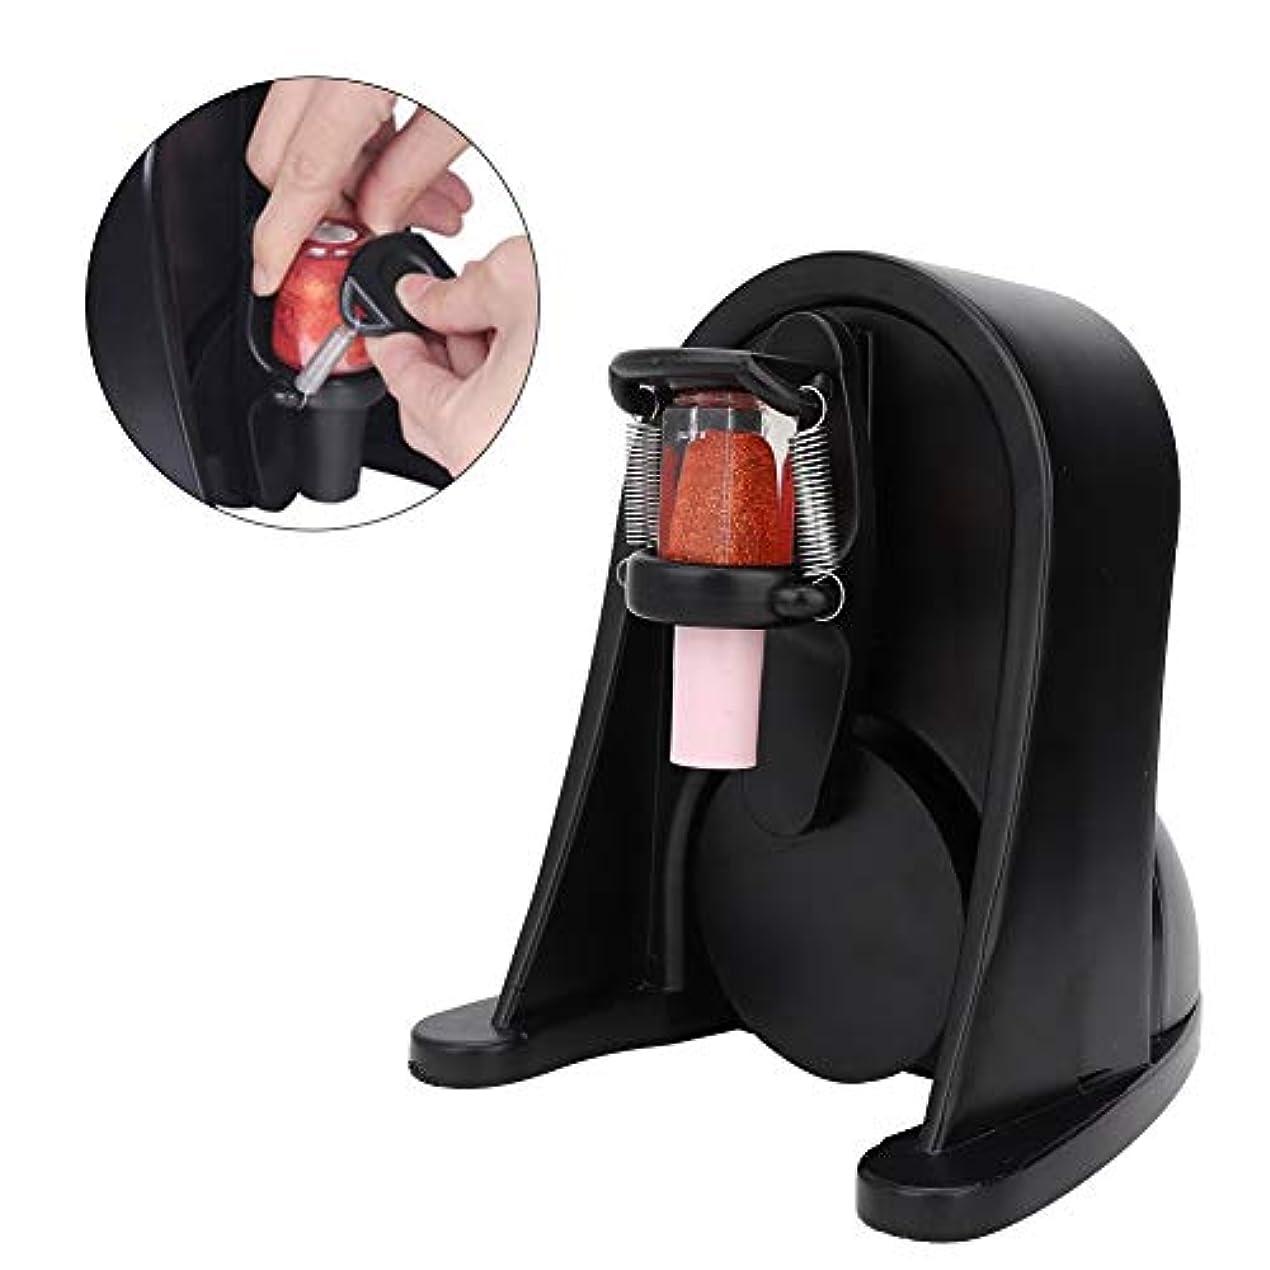 盲目アクセサリー劣るマニキュア シェーカー UVジェル液体ボトル シェーキングマシン ネイルジェル ネイルポリッシュ インク顔料調整可能ミキサー(ブラック)